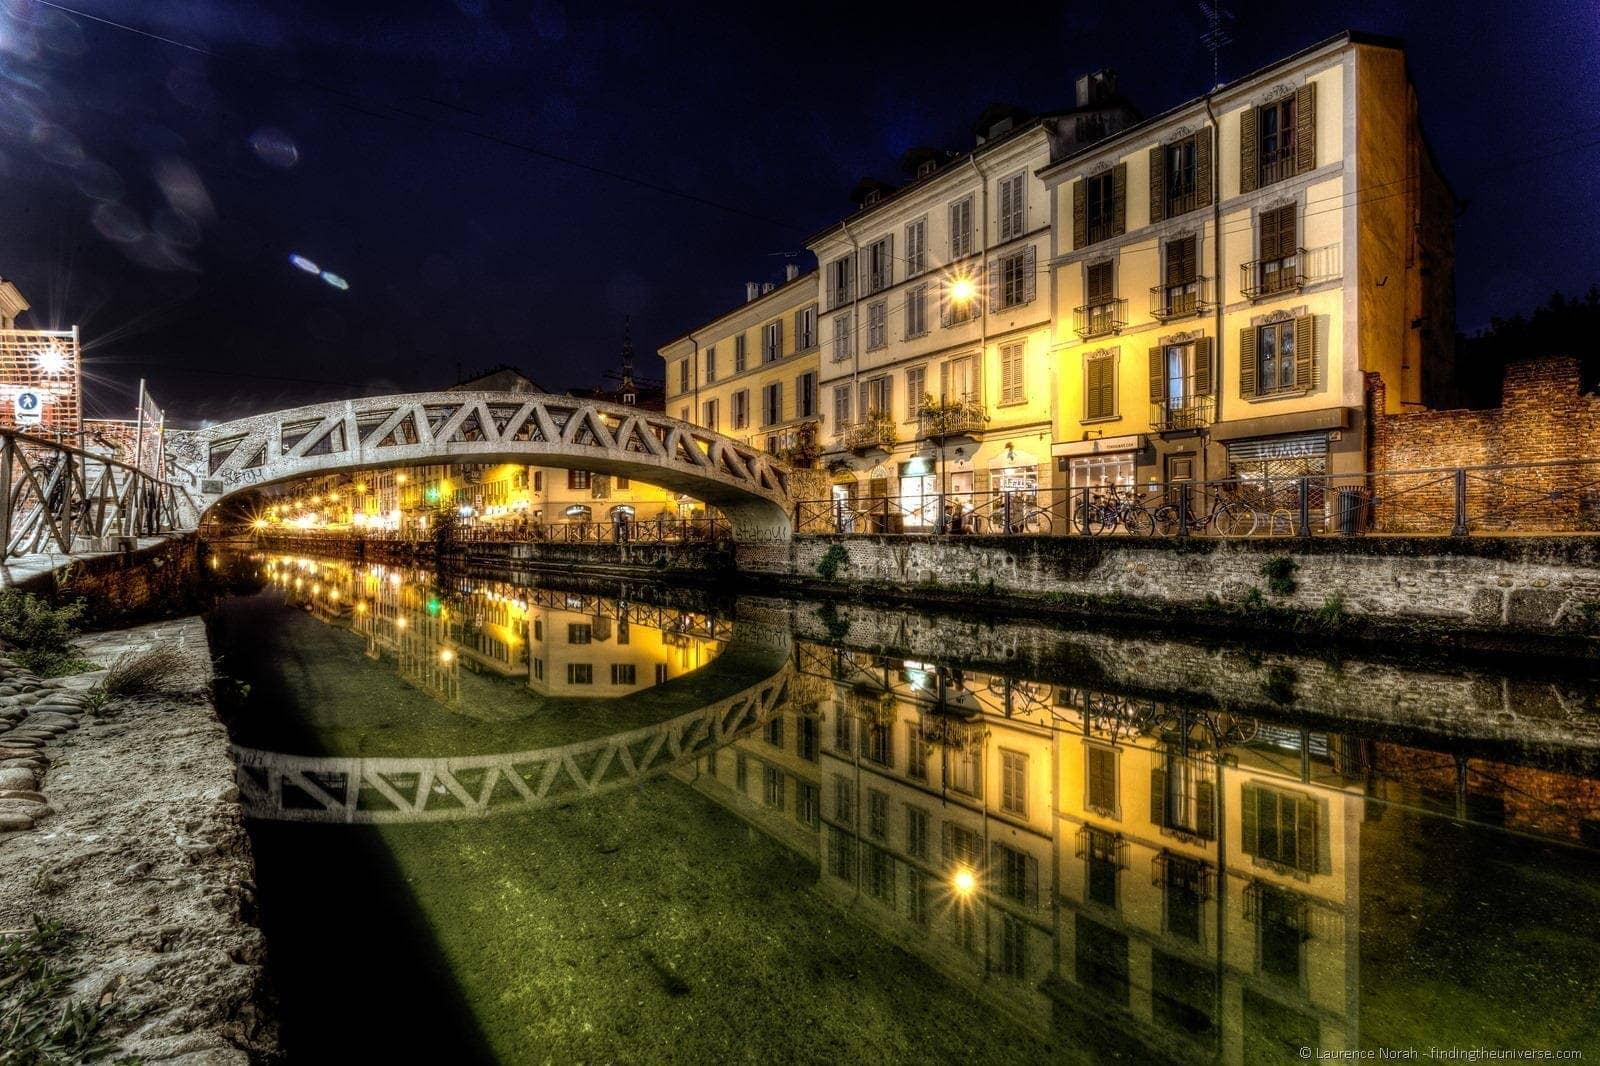 Milan canal night 1